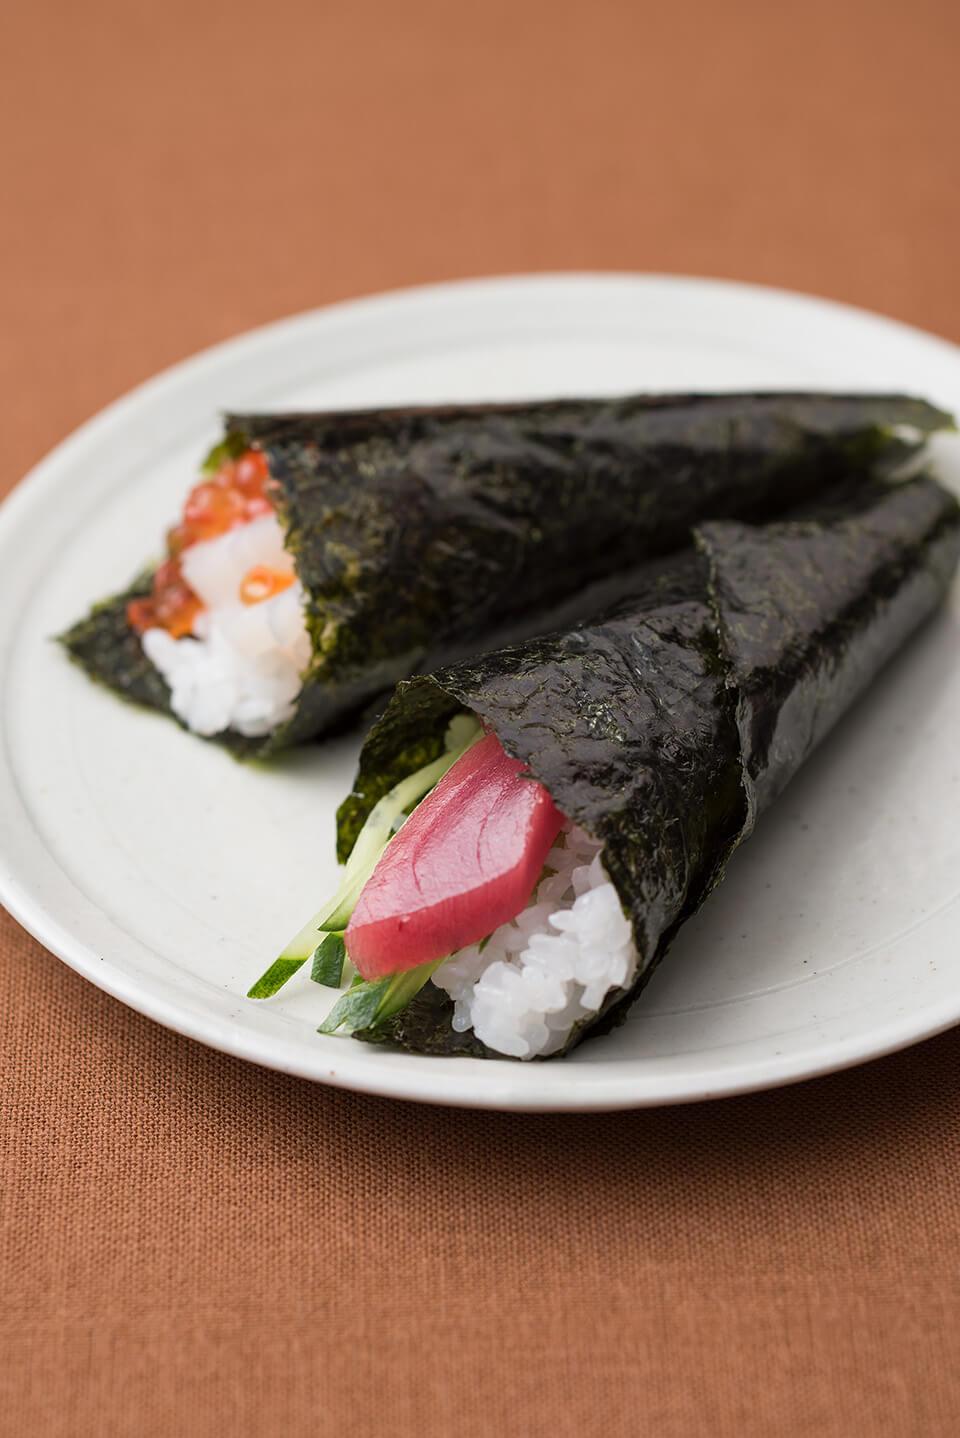 方 寿司 手 巻き 海苔 切り